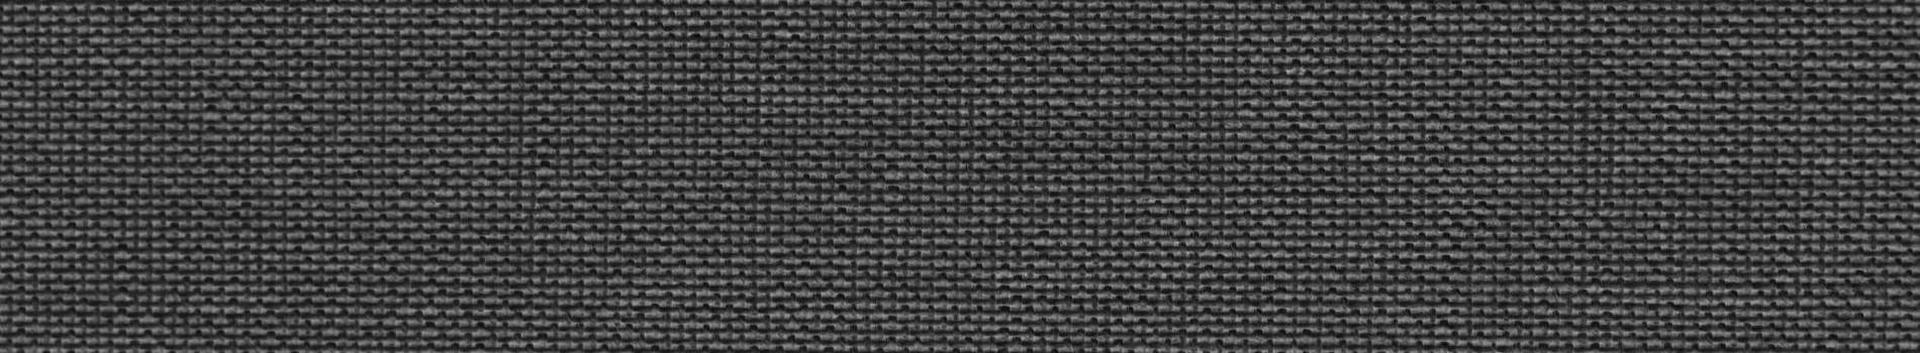 47511_tekstiiltoodete-jaemuuk_71617518_xl.jpg